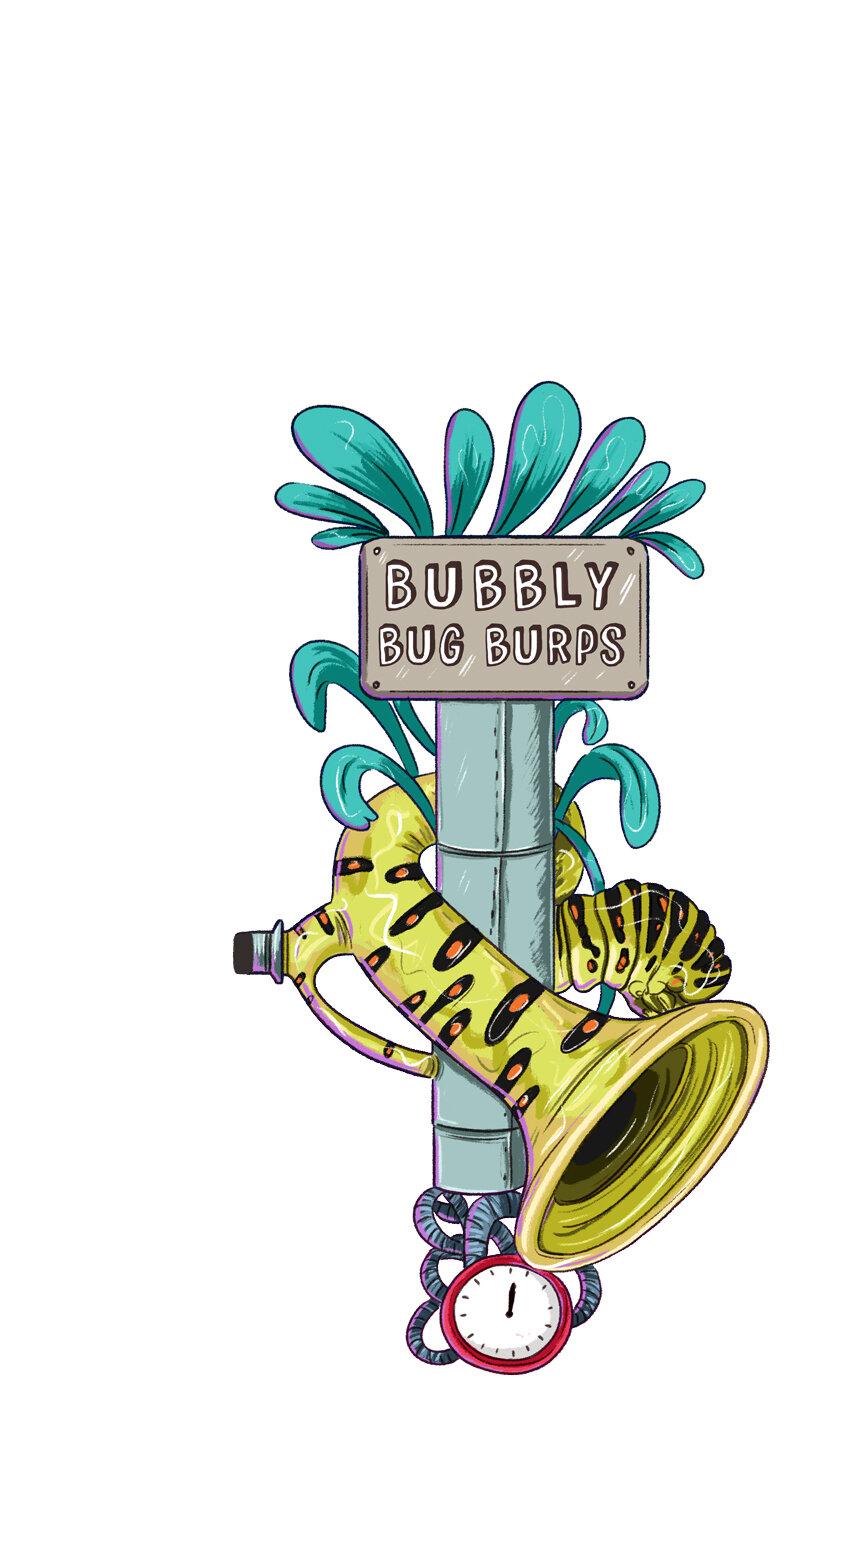 C_Bubbly-Bug-Burps.jpg